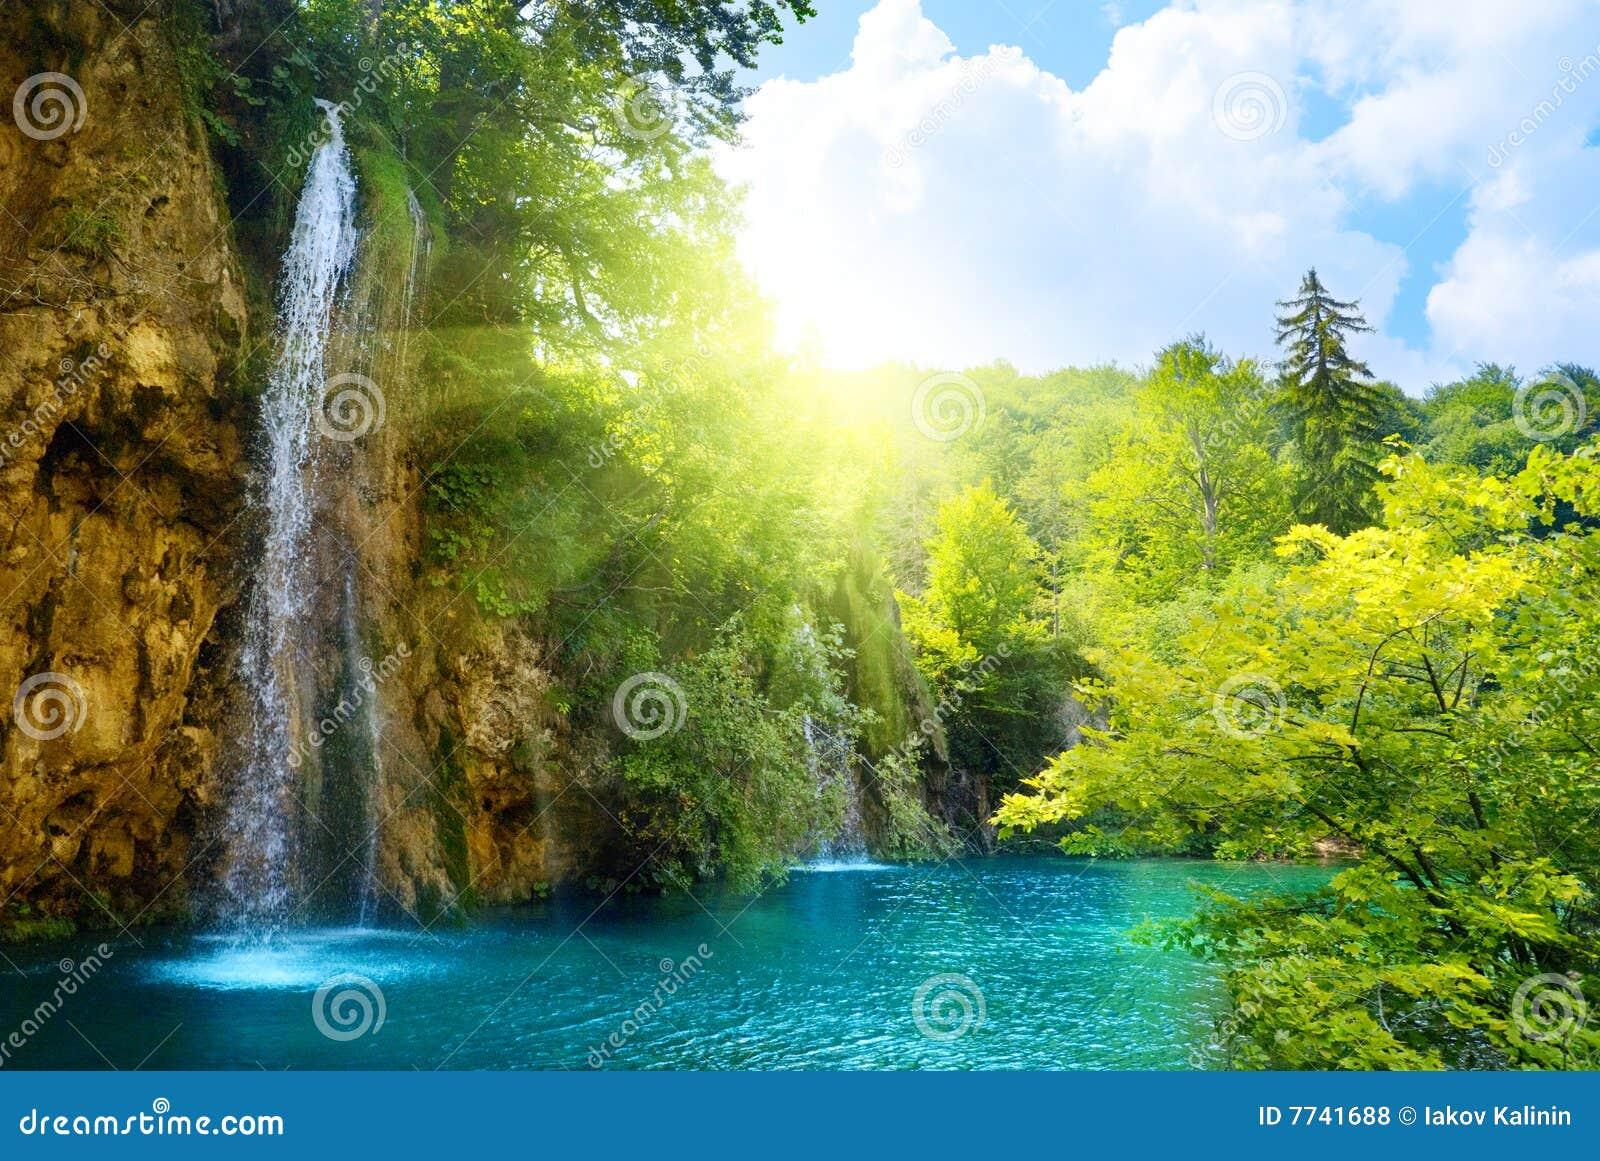 Watervallen in bos